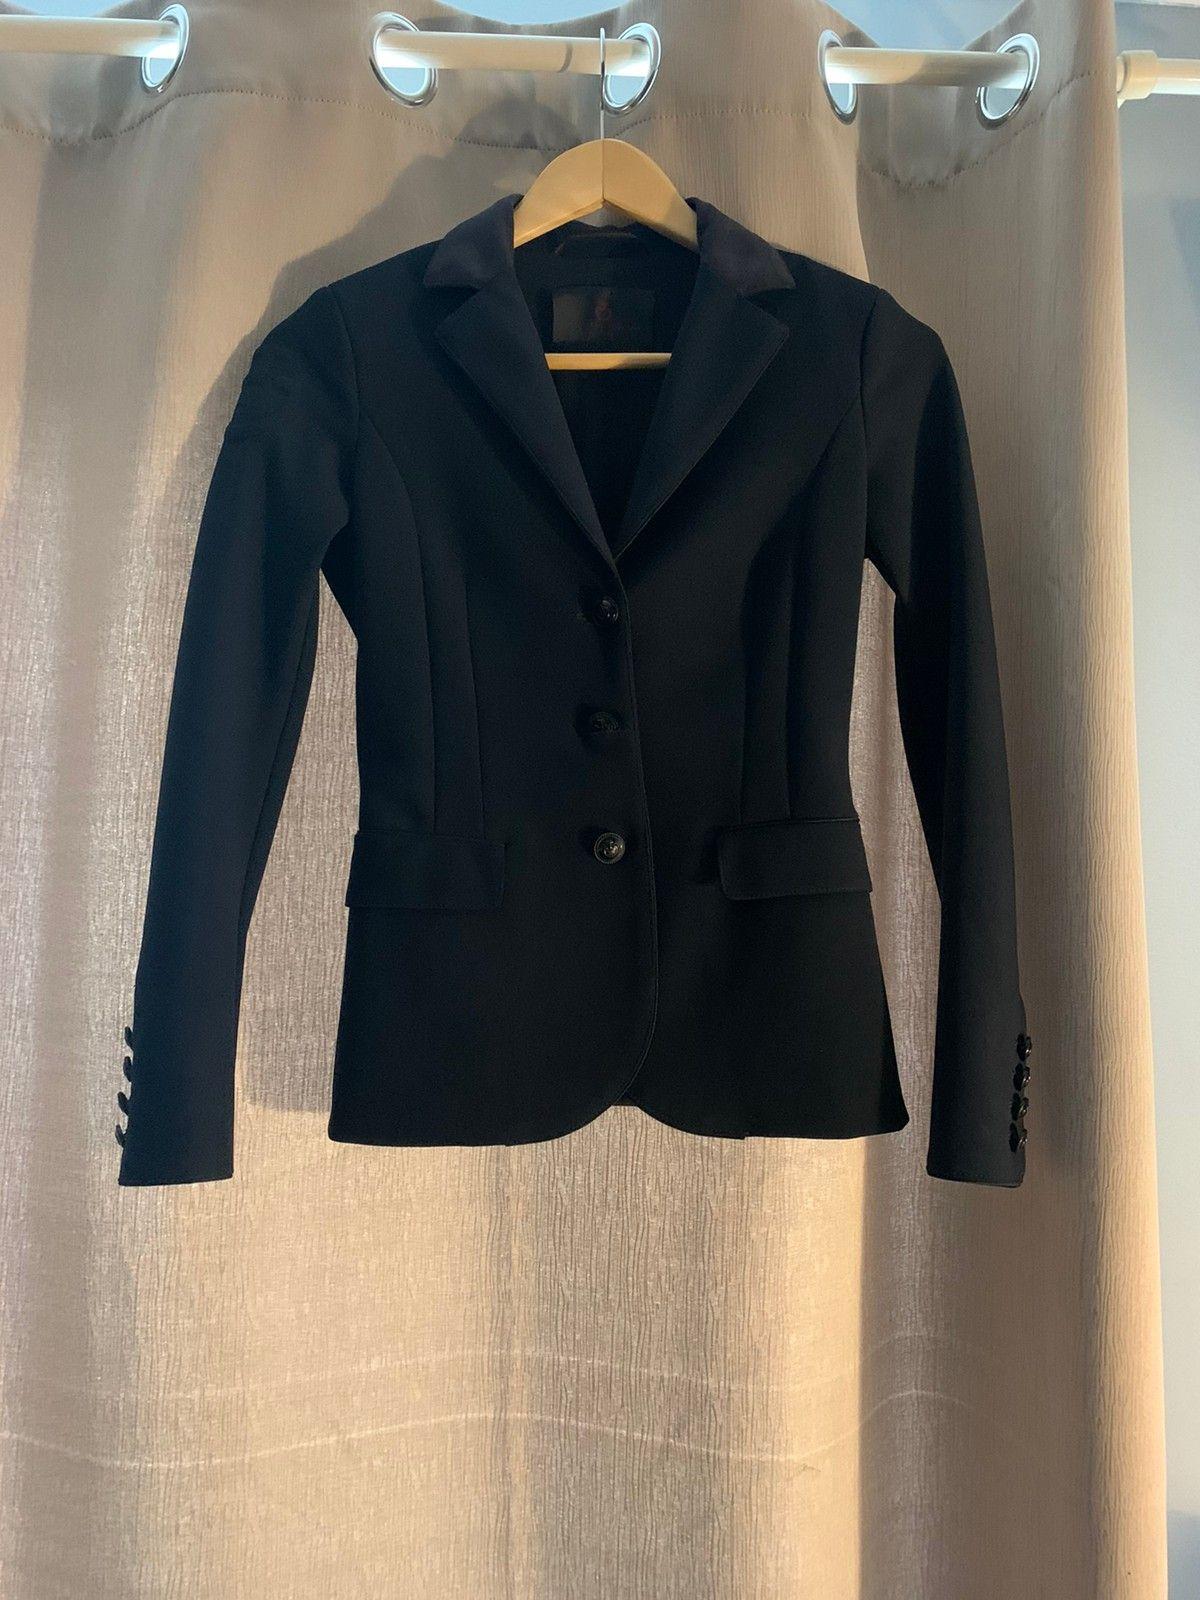 Cavalleria Toscana jakke vurderer byttes | FINN.no